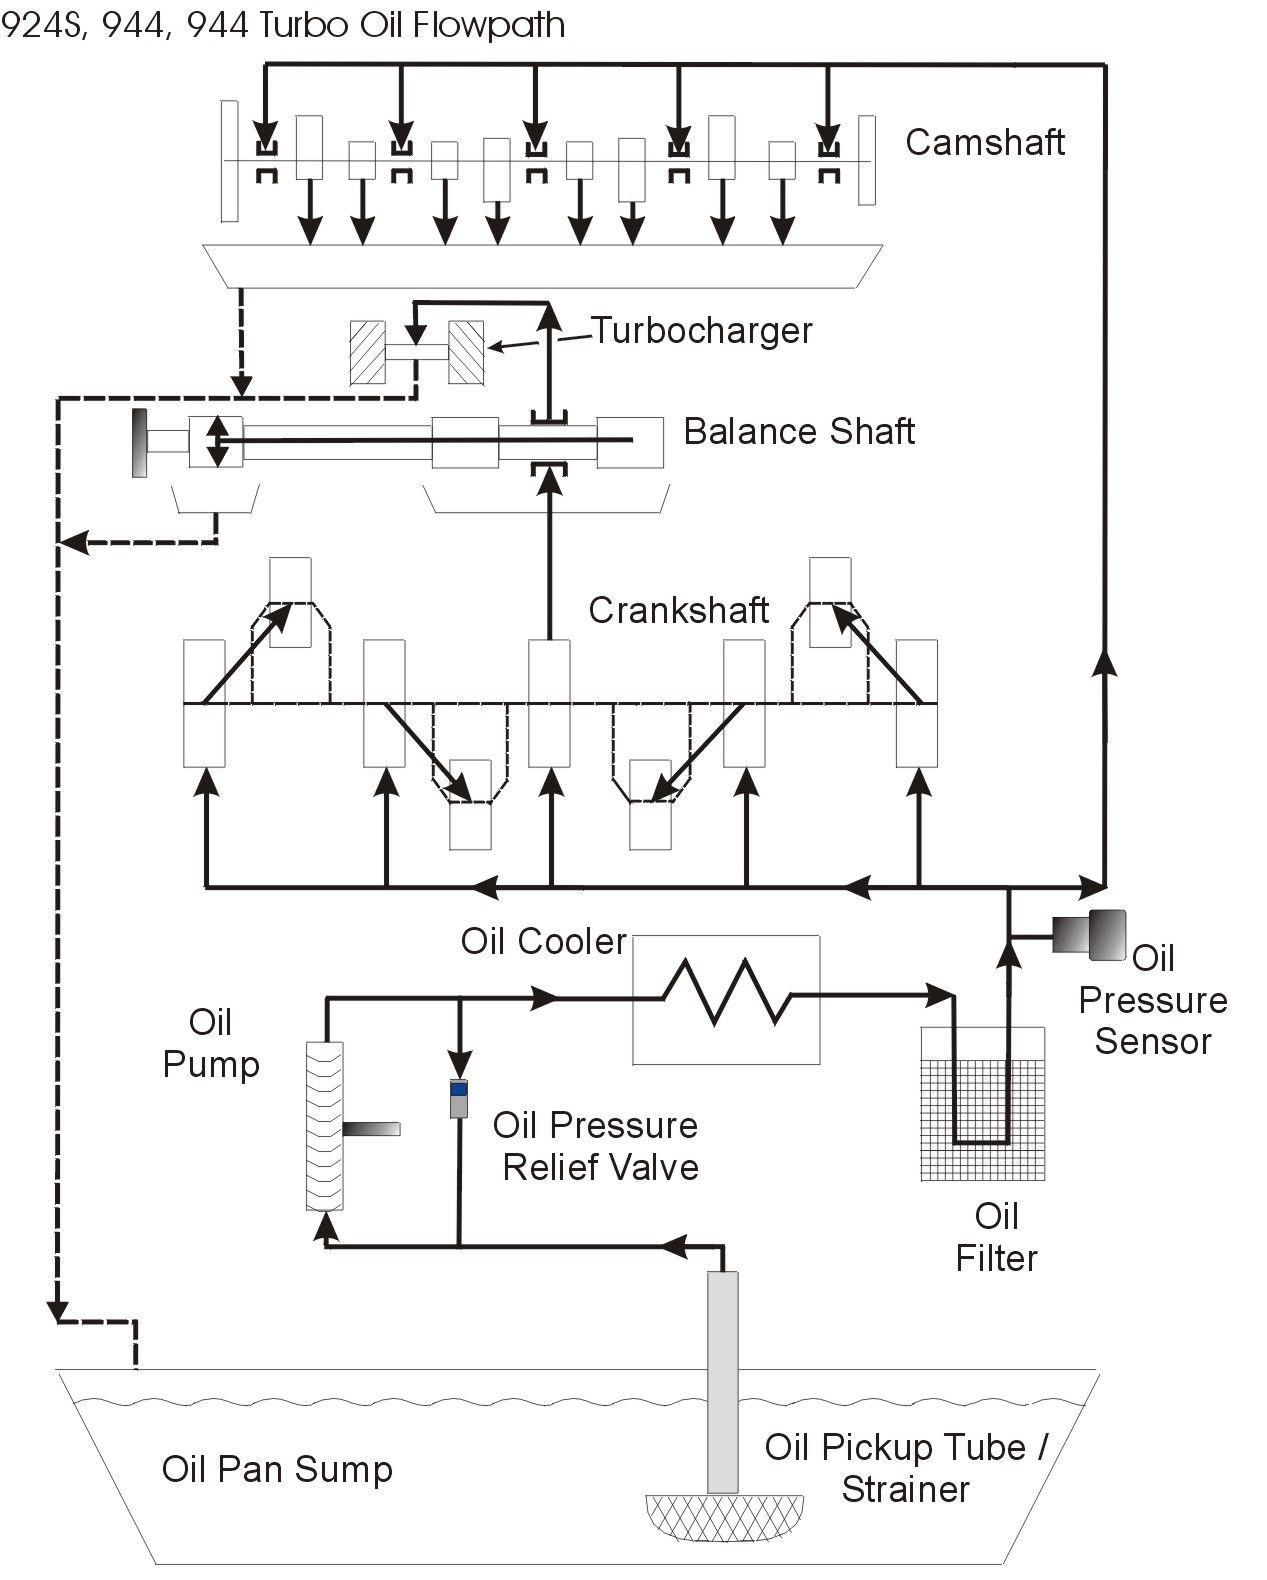 medium resolution of oil flow diagram 944 porsche porsche 944 cars car engine oil flow diagram